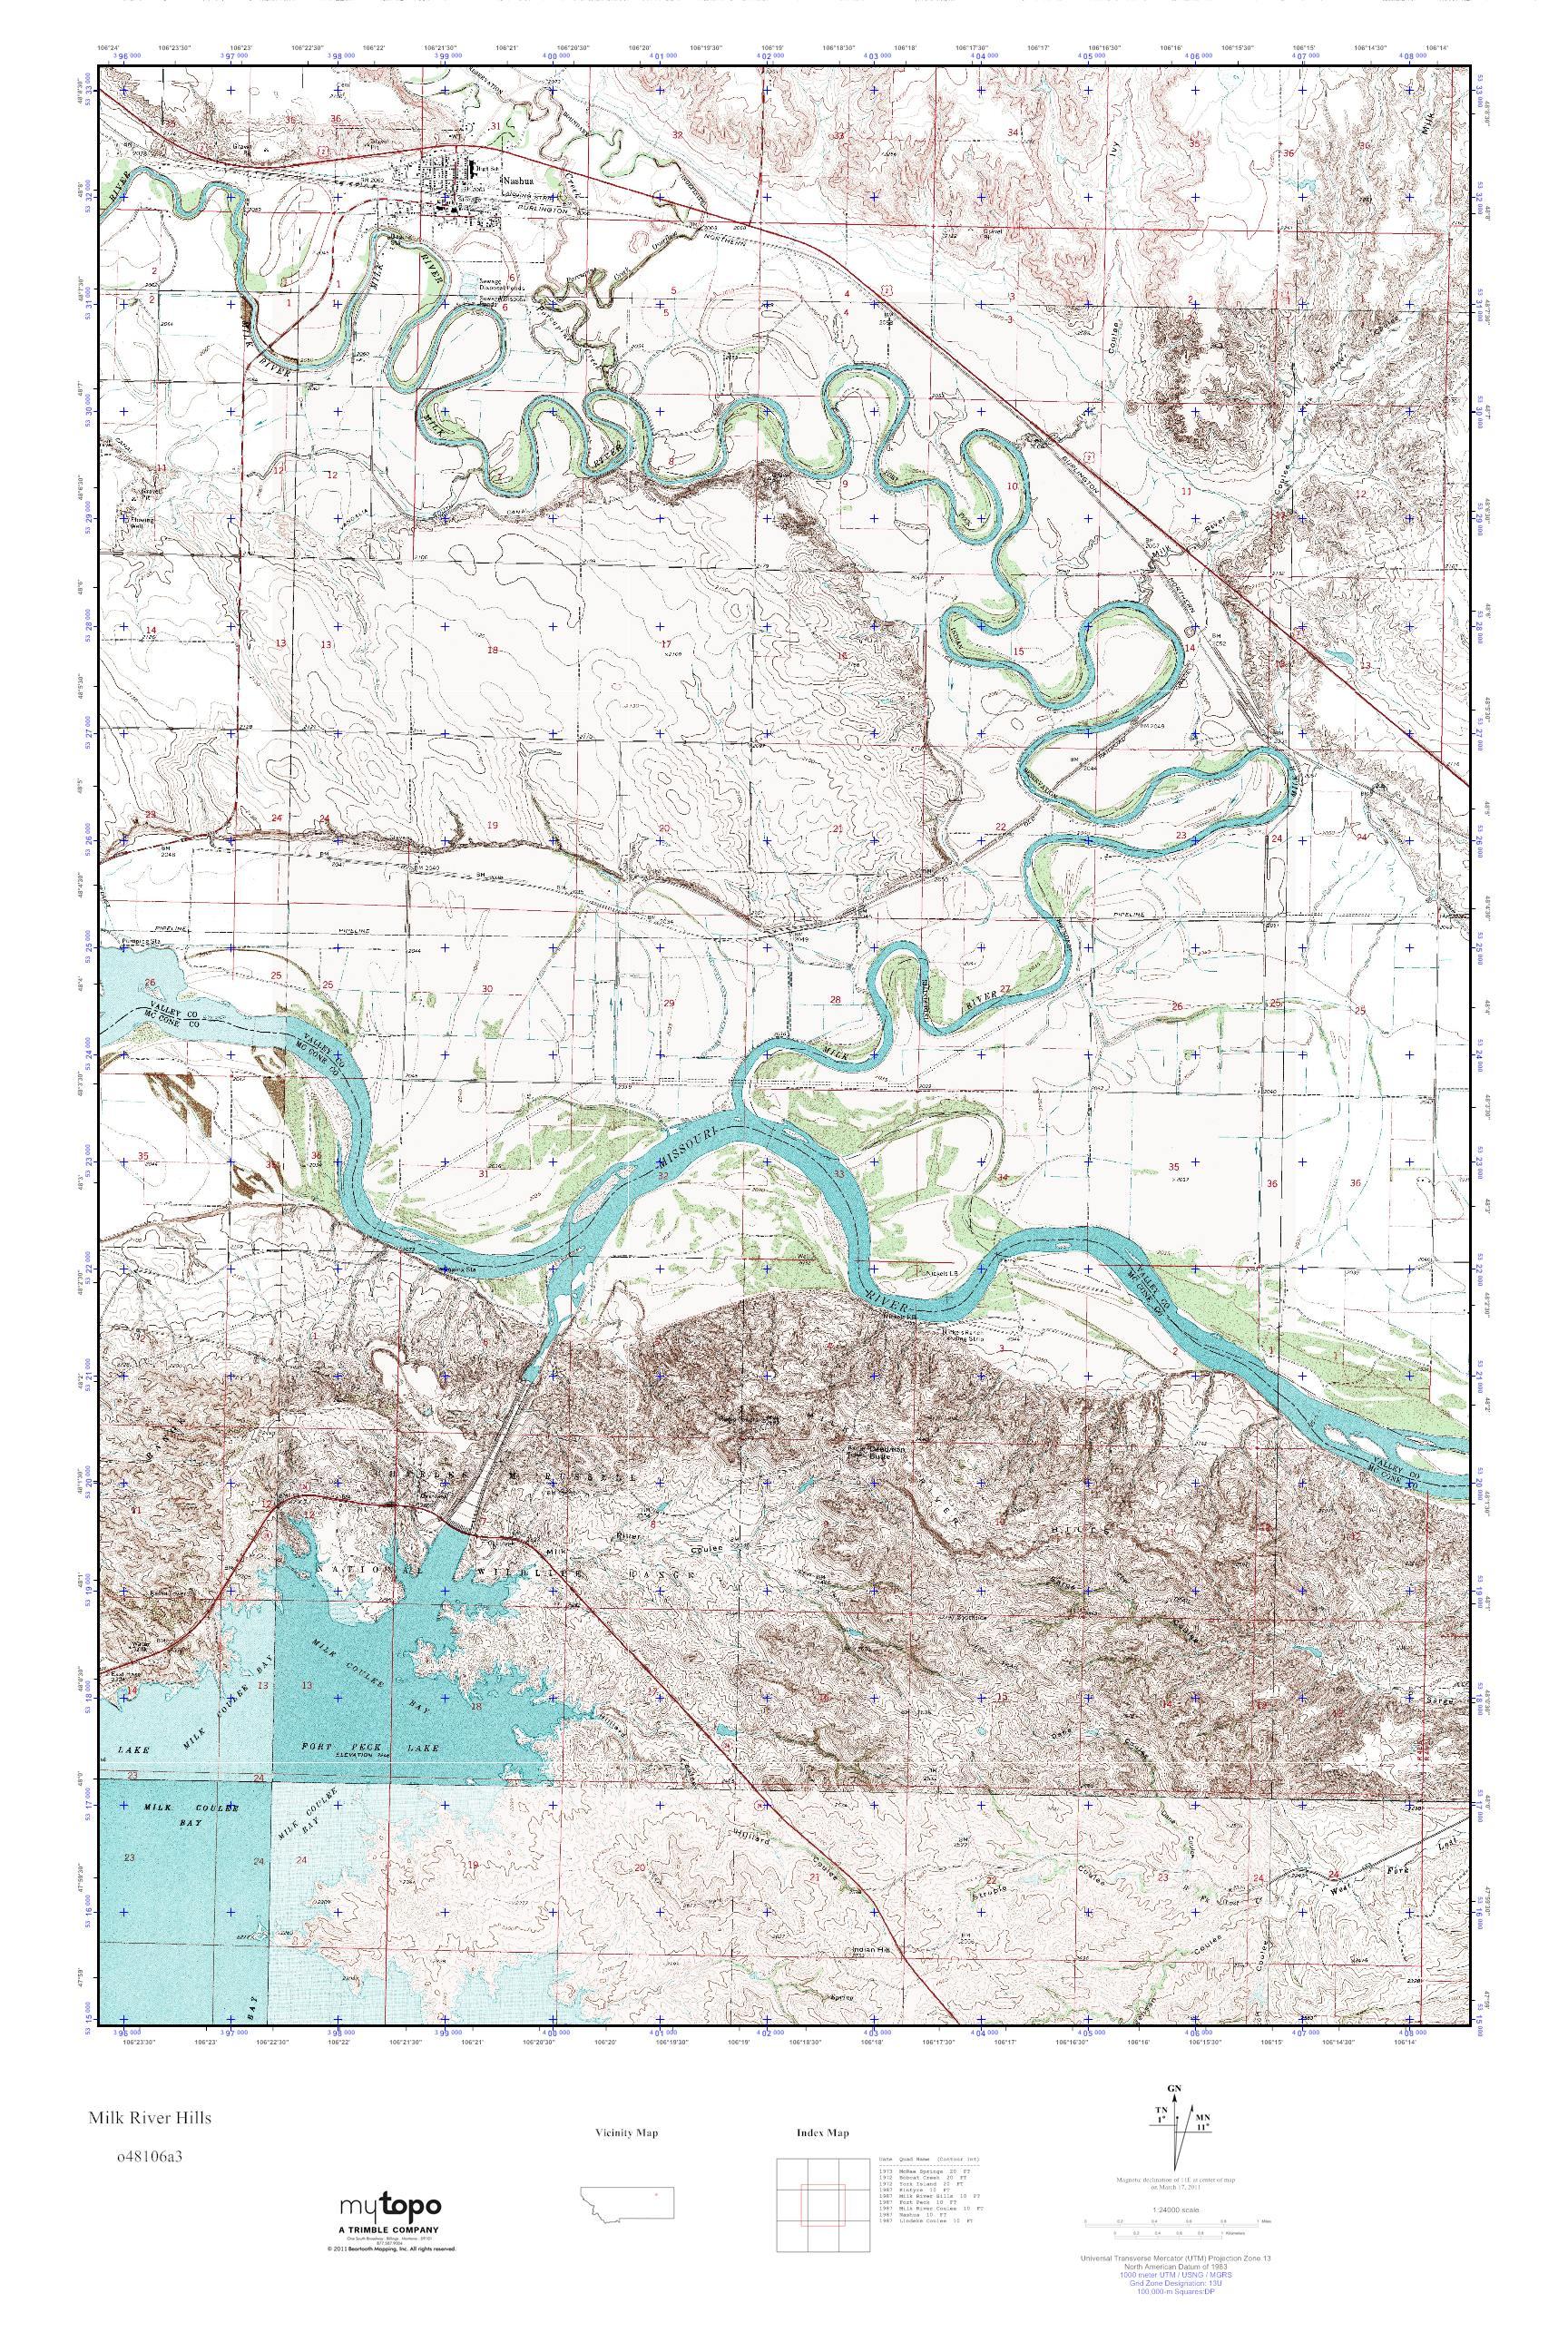 Mytopo Milk River Hills Montana Usgs Quad Topo Map